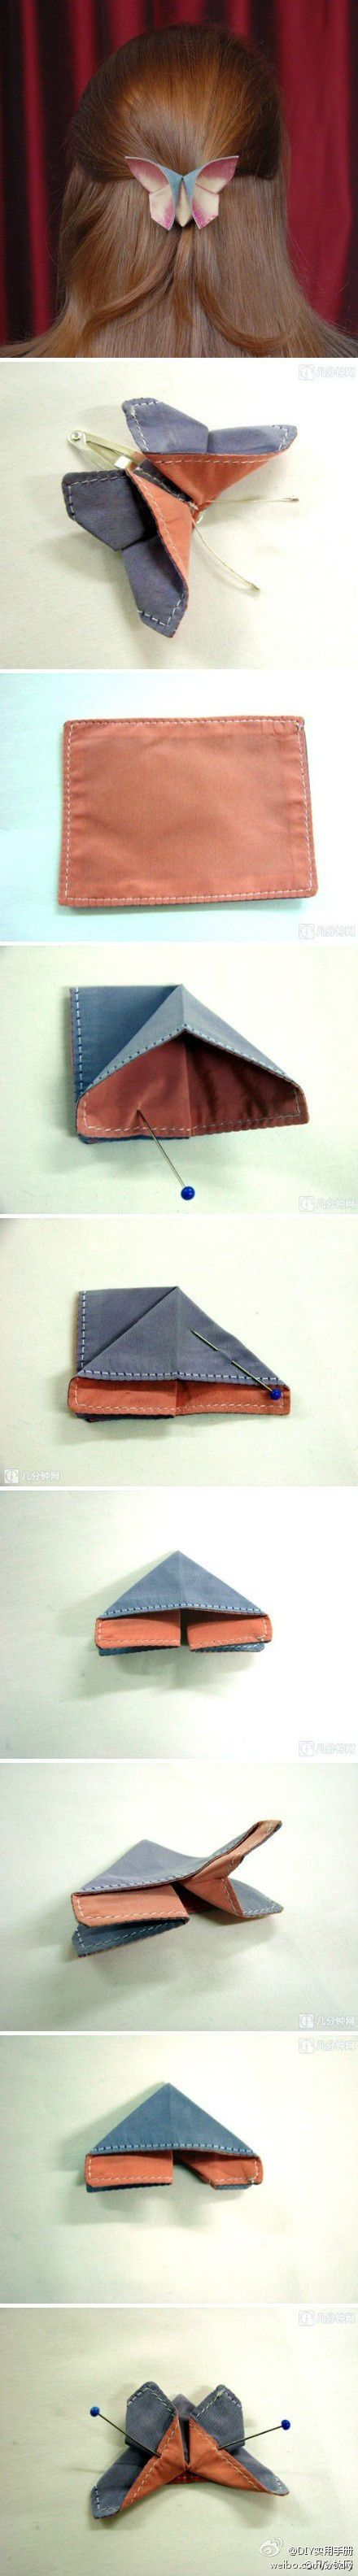 Cómo hacer un broche en forma de mariposa con un cuadrado